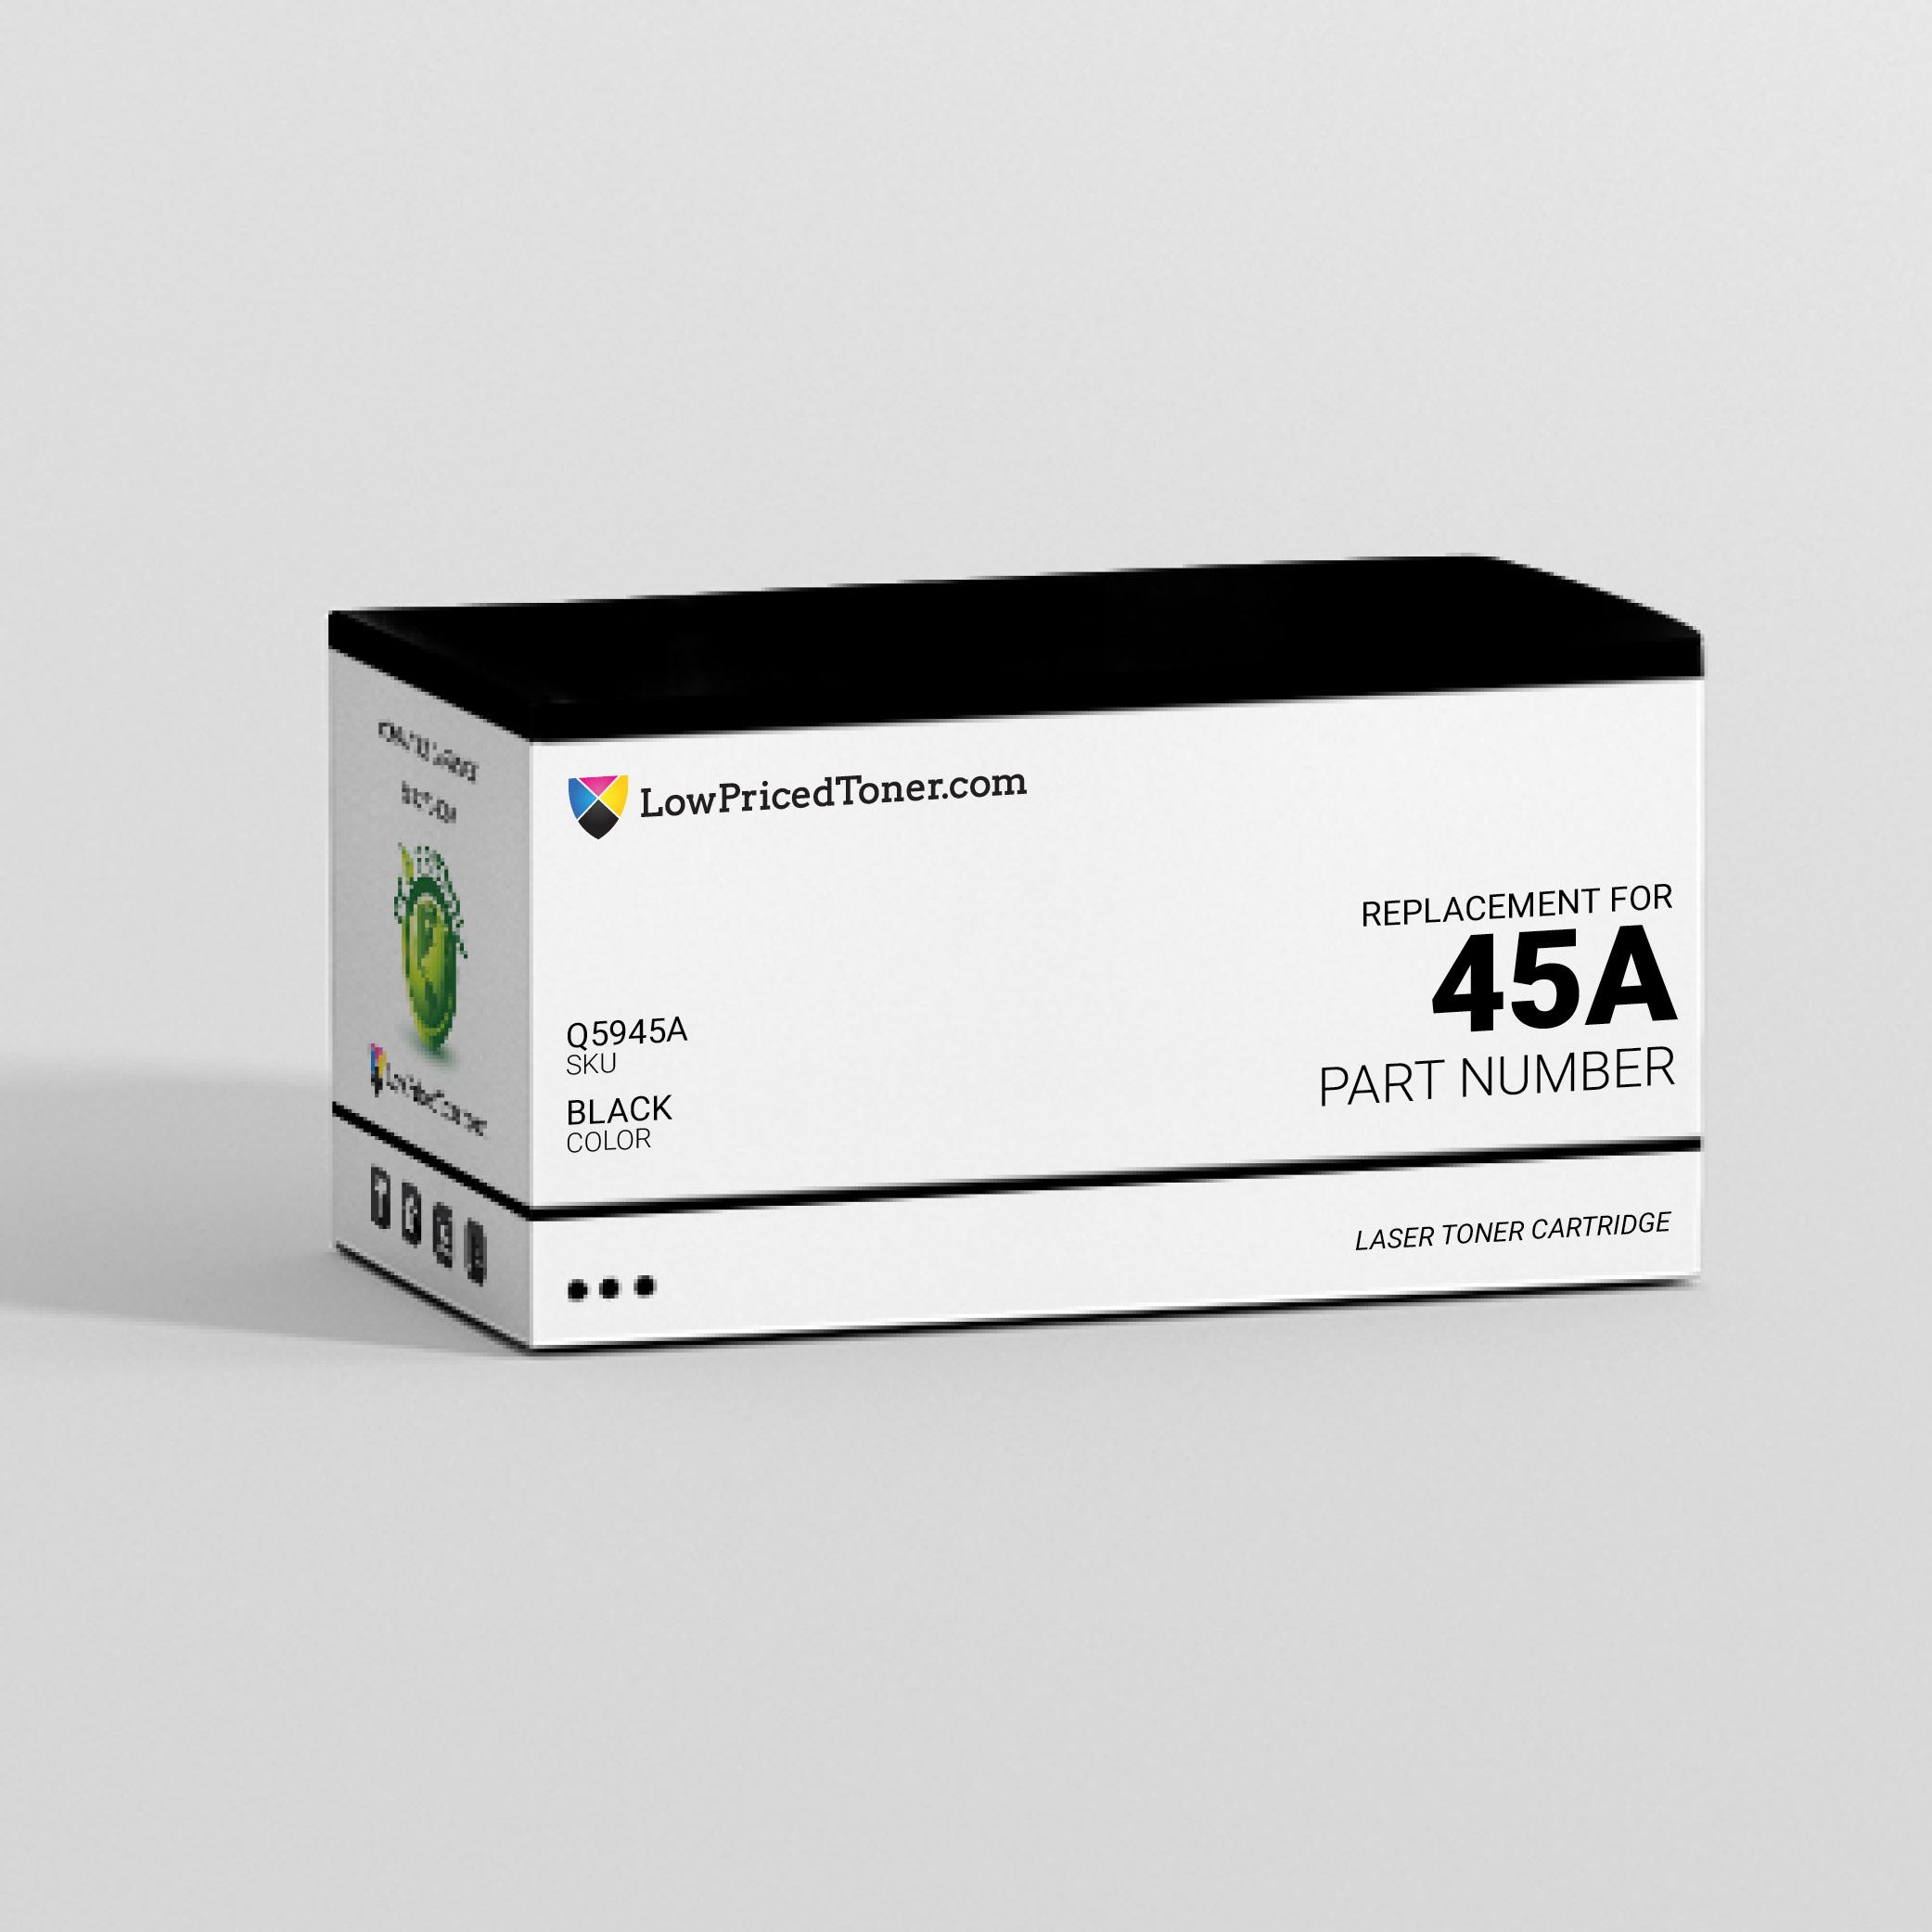 HP Q5945A 45A Compatible Black Laser Toner Cartridge